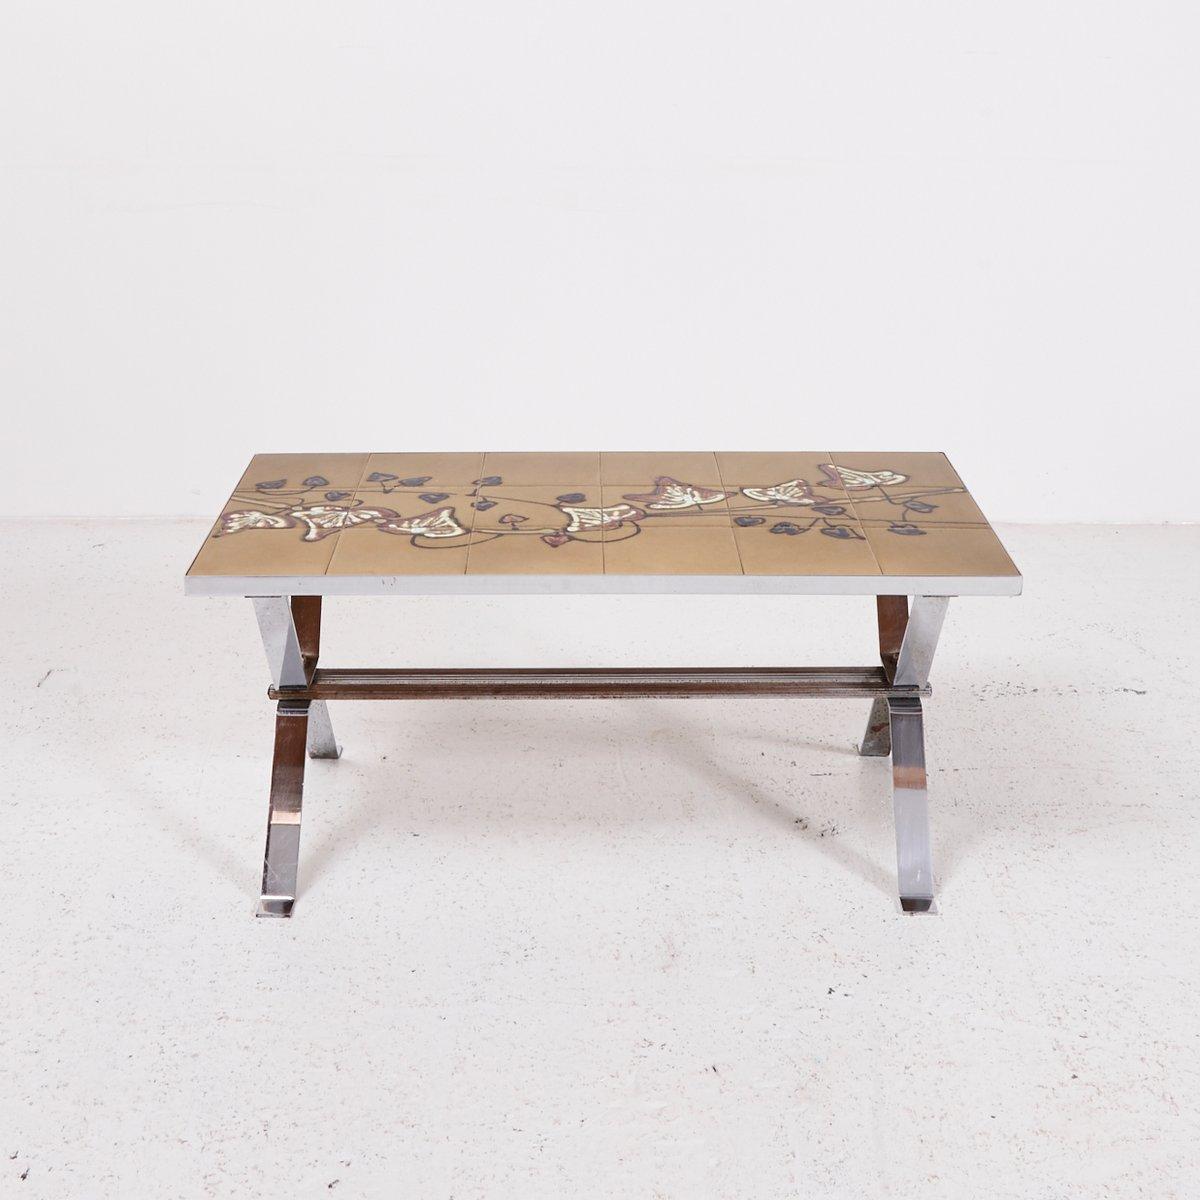 Vintage couchtisch mit mosaik tischplatte bei pamono kaufen for Couchtisch vintage